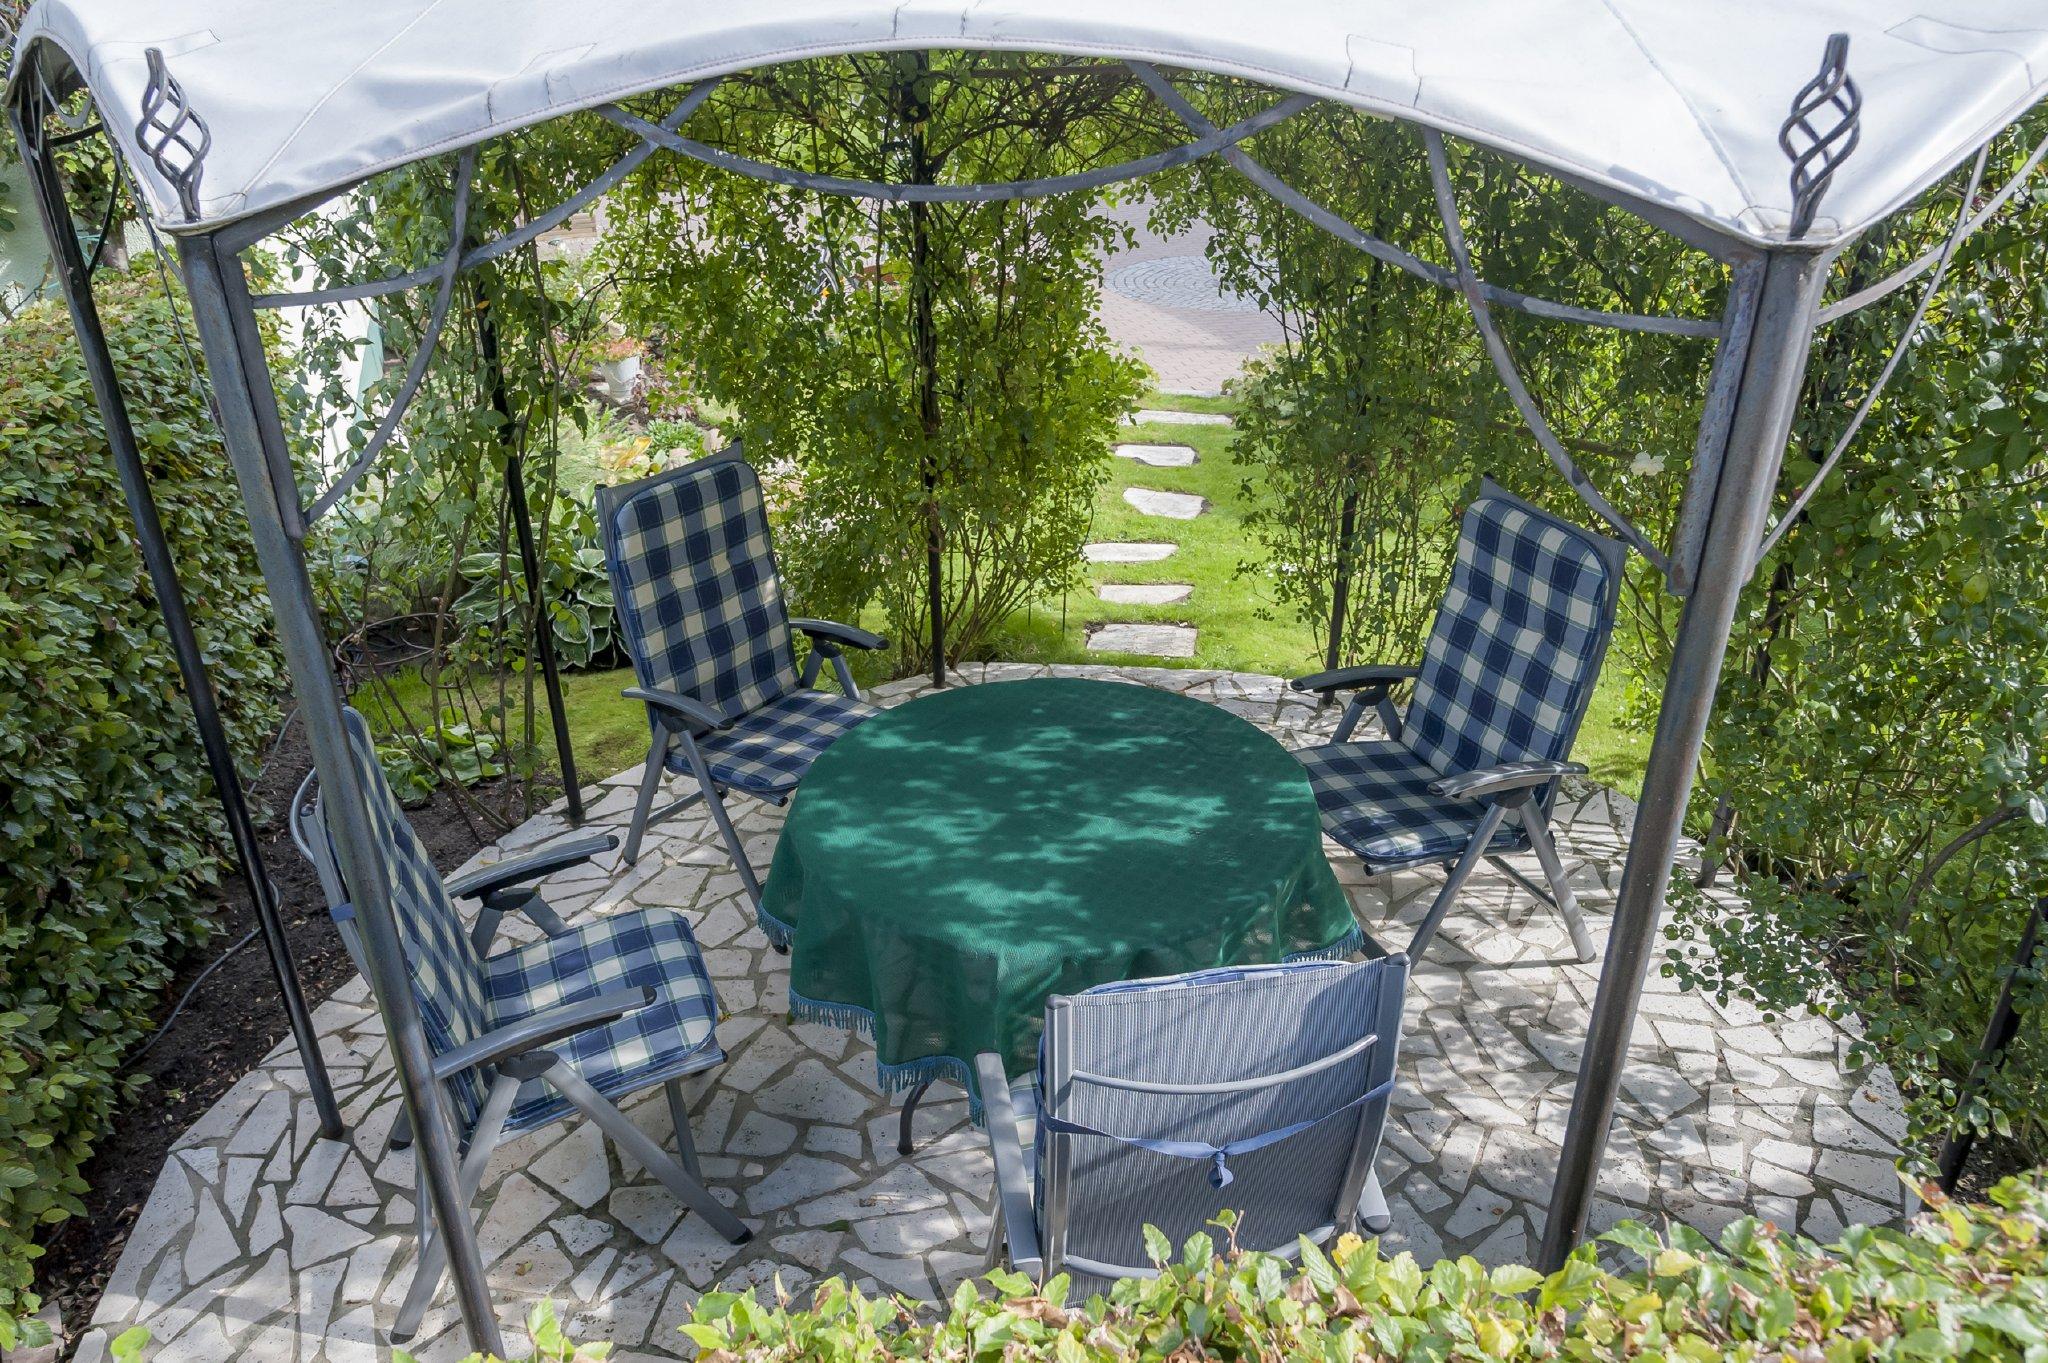 Sitzplatz im Garten auch für Raucher